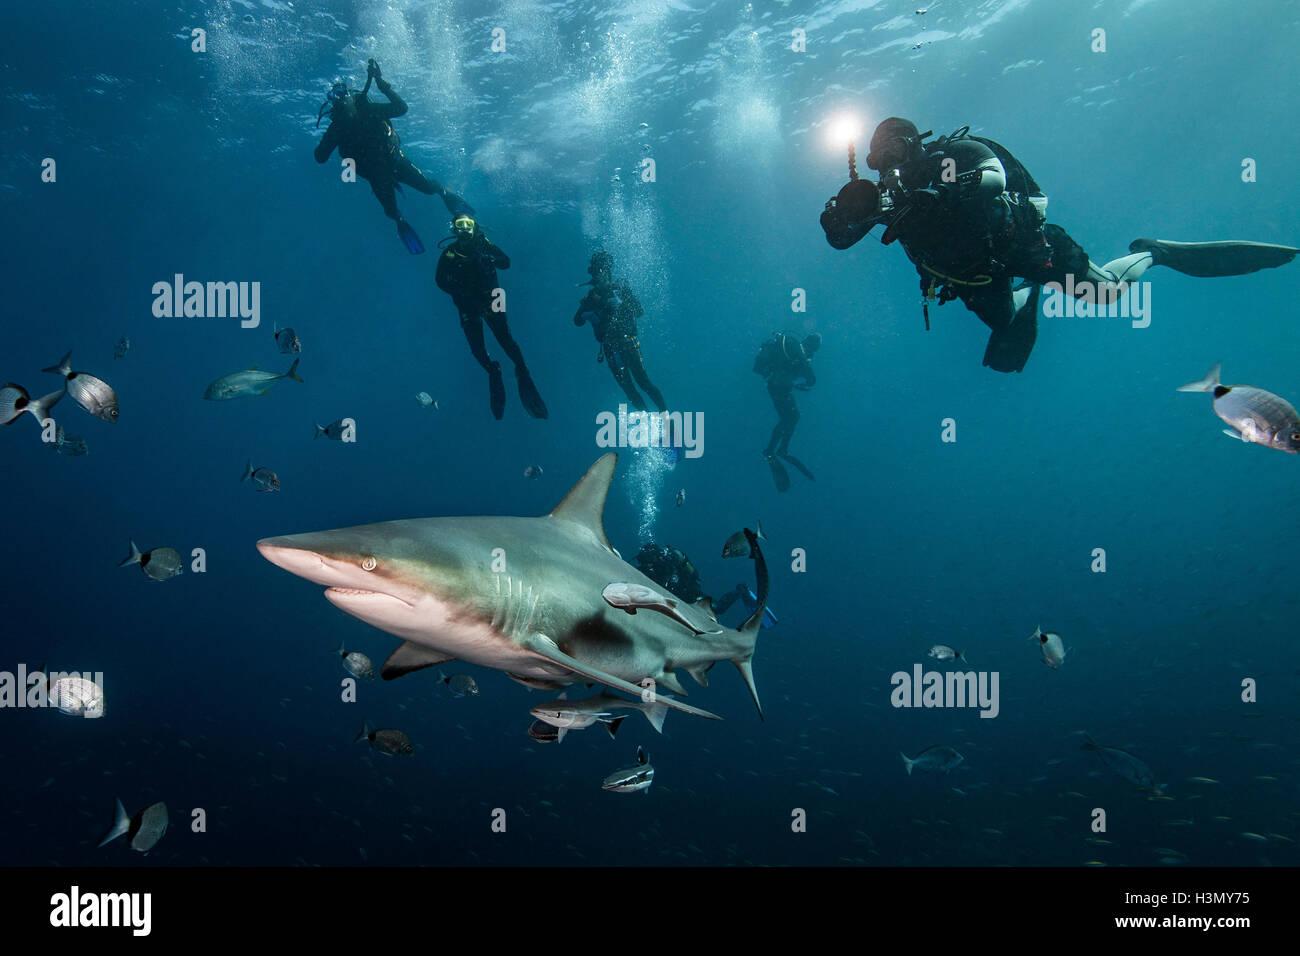 Les amateurs de plongée sous-marine' rencontre avec grande Oceanic Blacktip Shark (Carcharhinus limbatus), Photo Stock